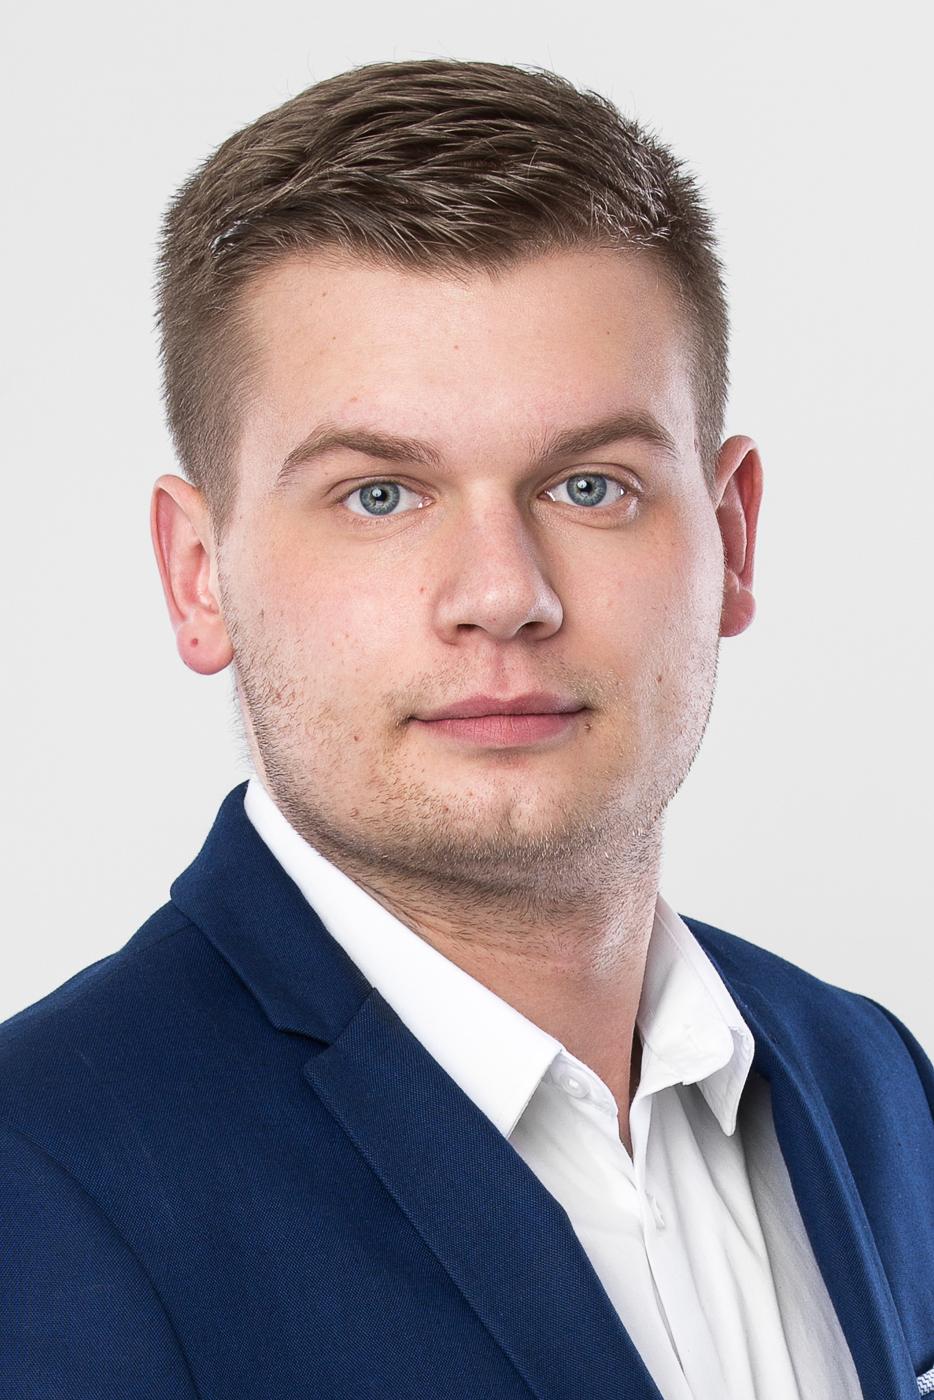 Warszawa fotografia wizerunkowa przedstawiciela handlowego